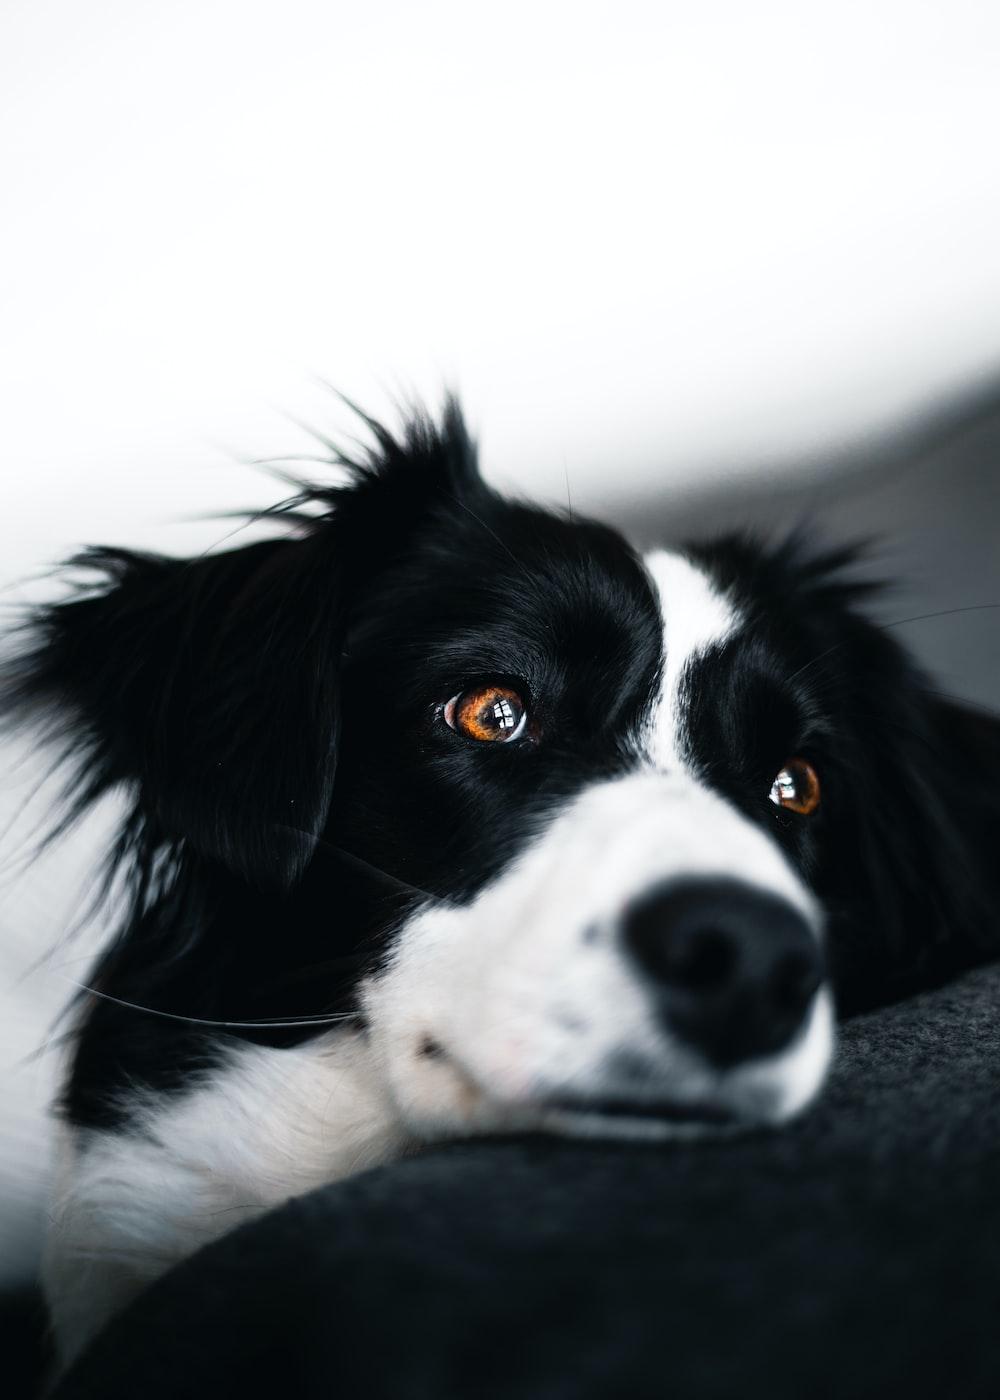 white and black dog lying on sofa